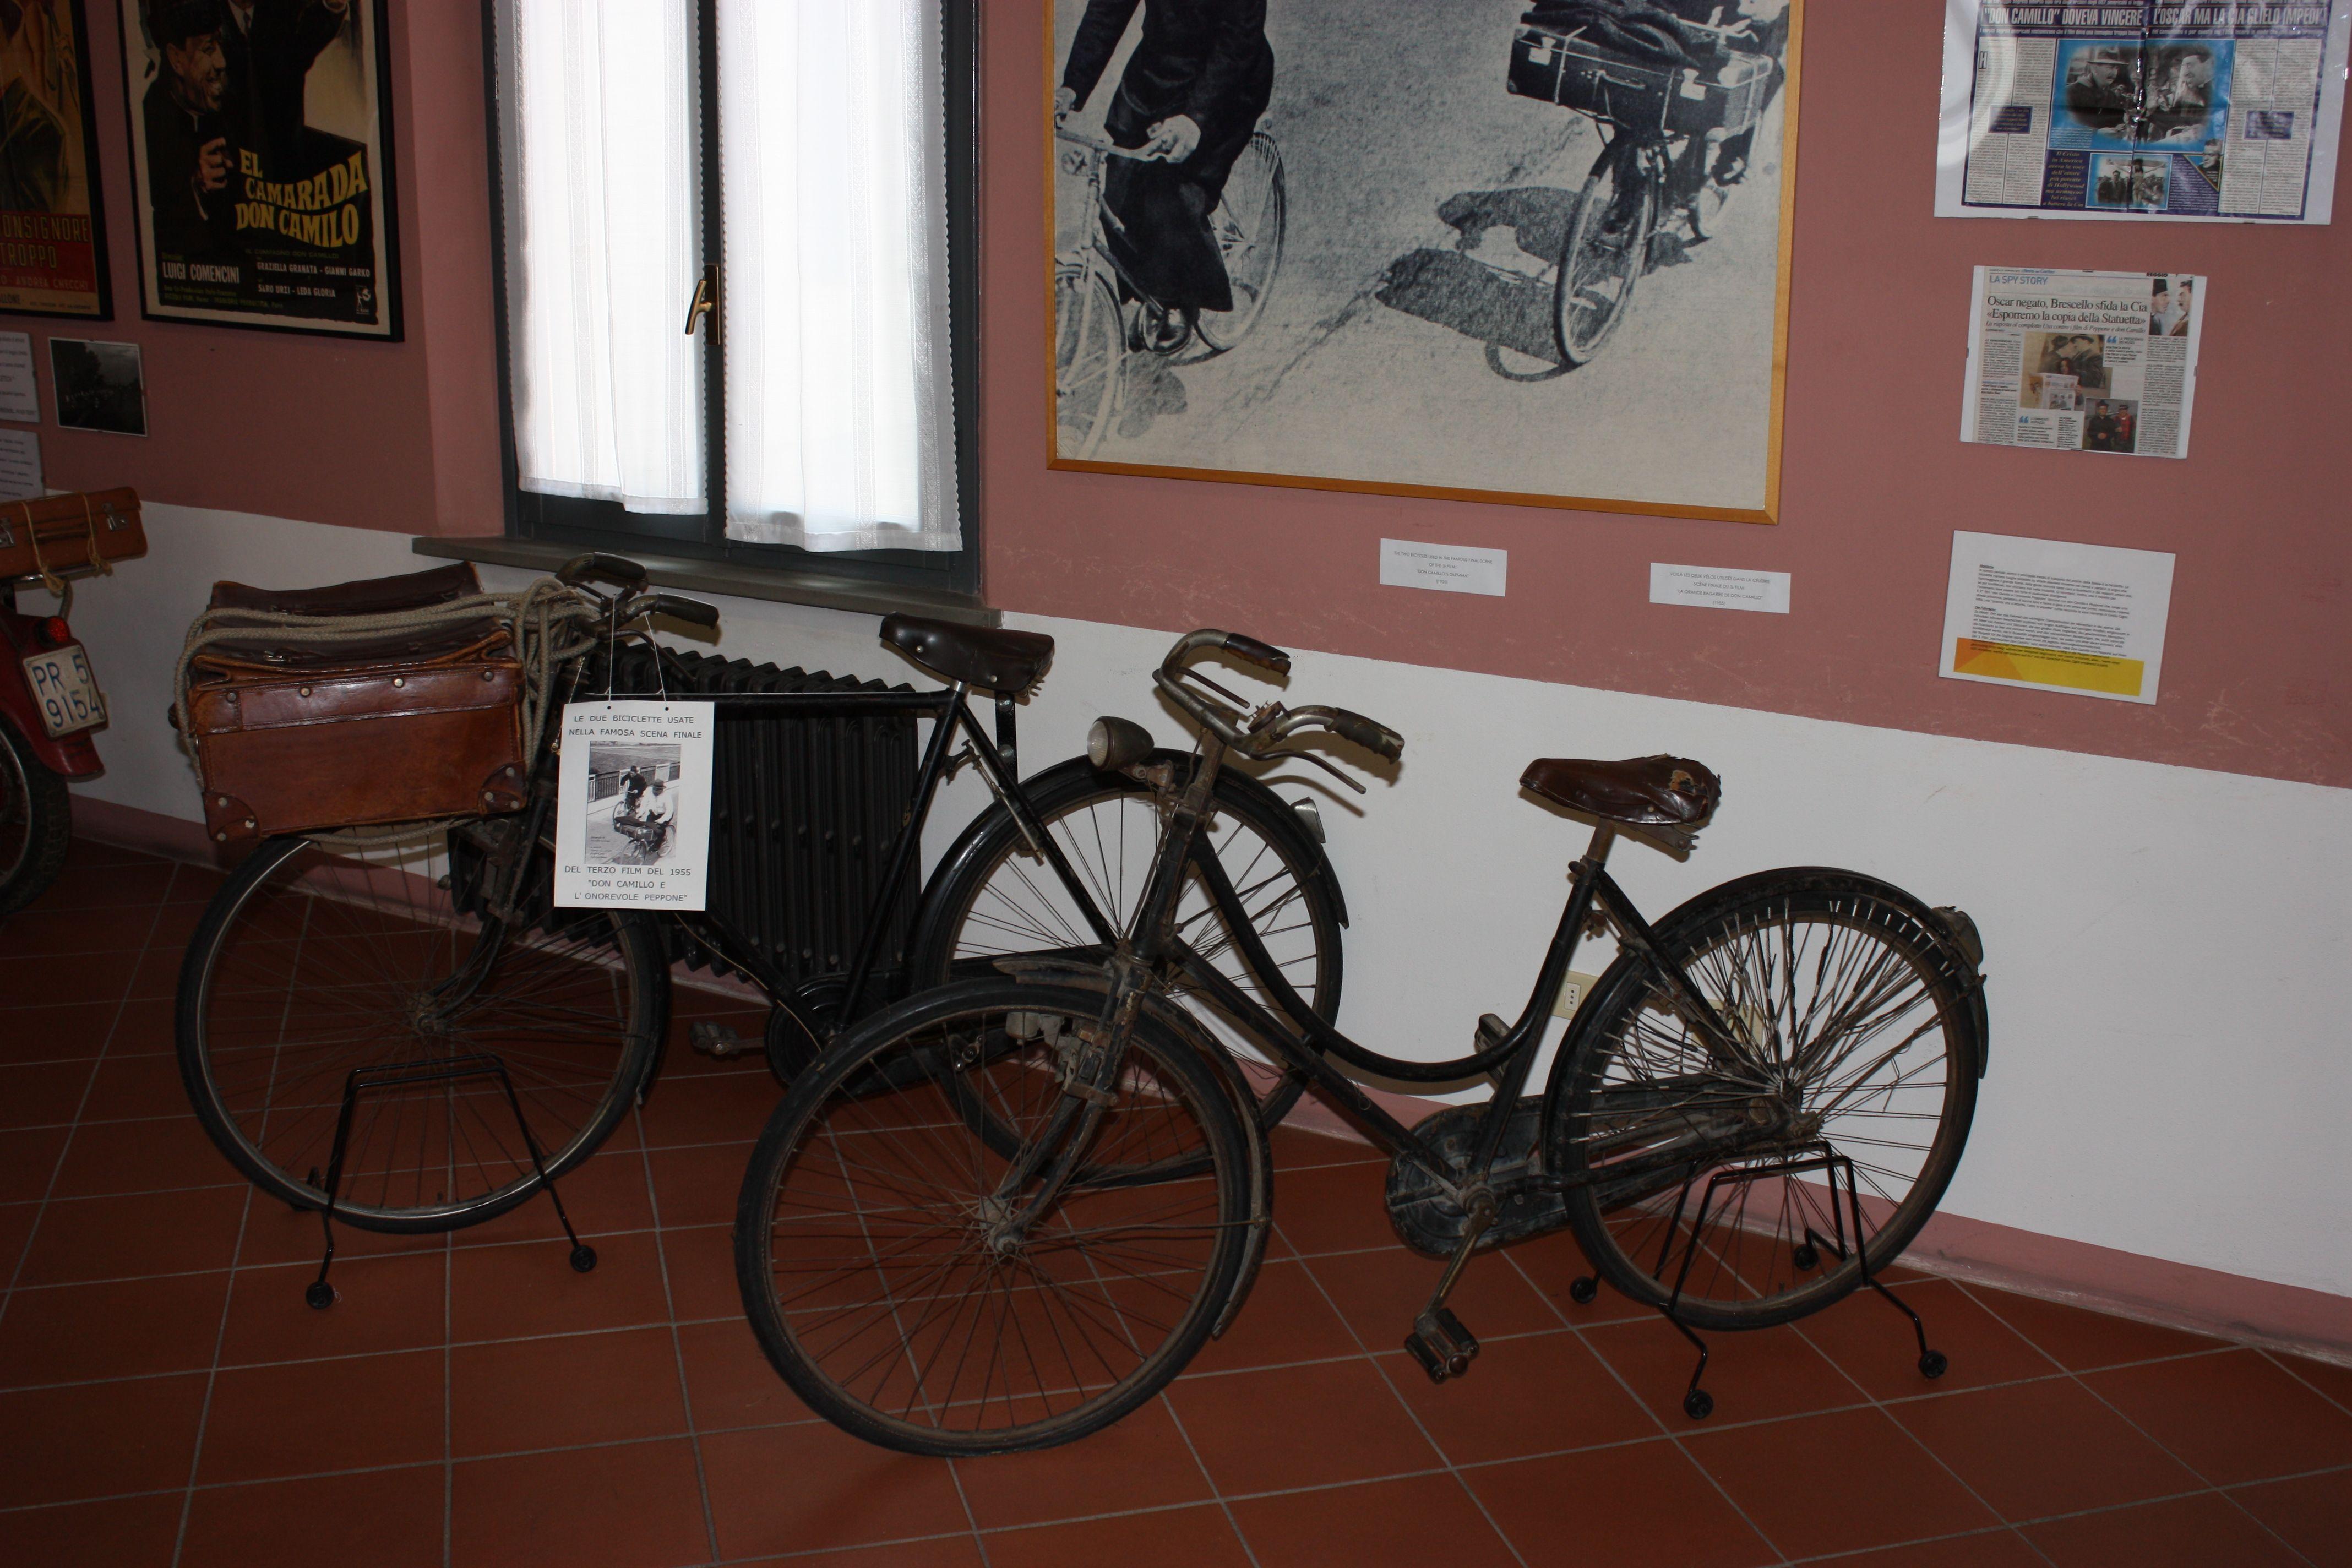 Die Fahrräder mit denen Don Camillo und Peppone vom Bahnhof heimfuhren